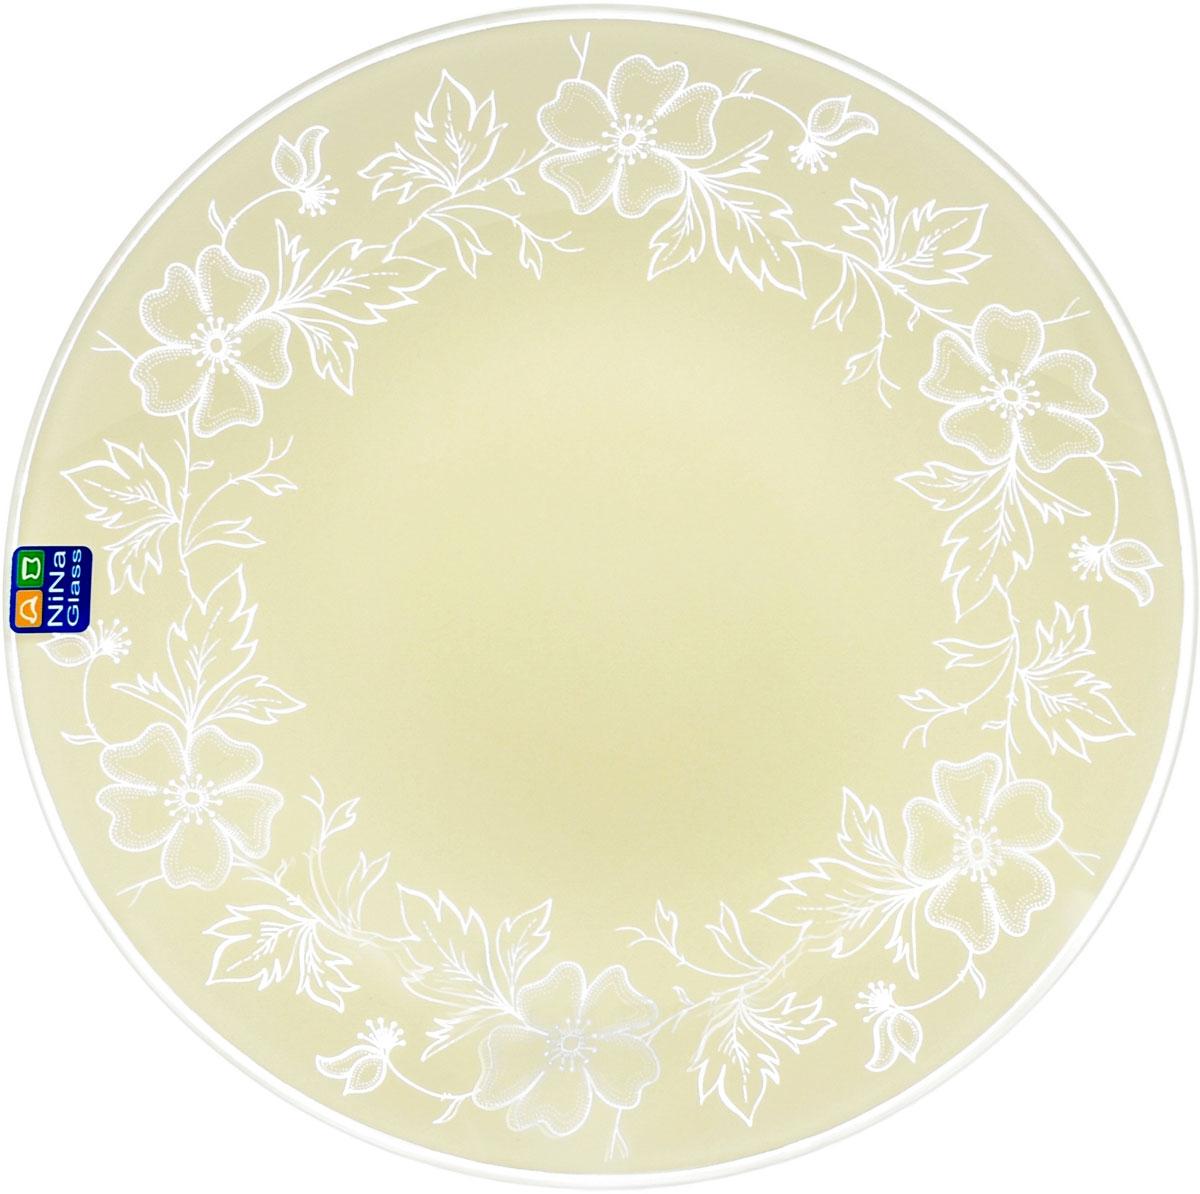 Тарелка круглая Nina Glass Лара, цвет: белый, диаметр 20 смNG85-200-075WКруглая тарелка Nina Glass Лара выполнена из моллированного стекла.Высокая температура спекания делает изделие литым, сплошным, небоящимся в дальнейшем царапин. Такую посуду можно мыть в посудомоечноймашине. Краска не отстанет, а поверхность безопасна при контакте с любойпищей.